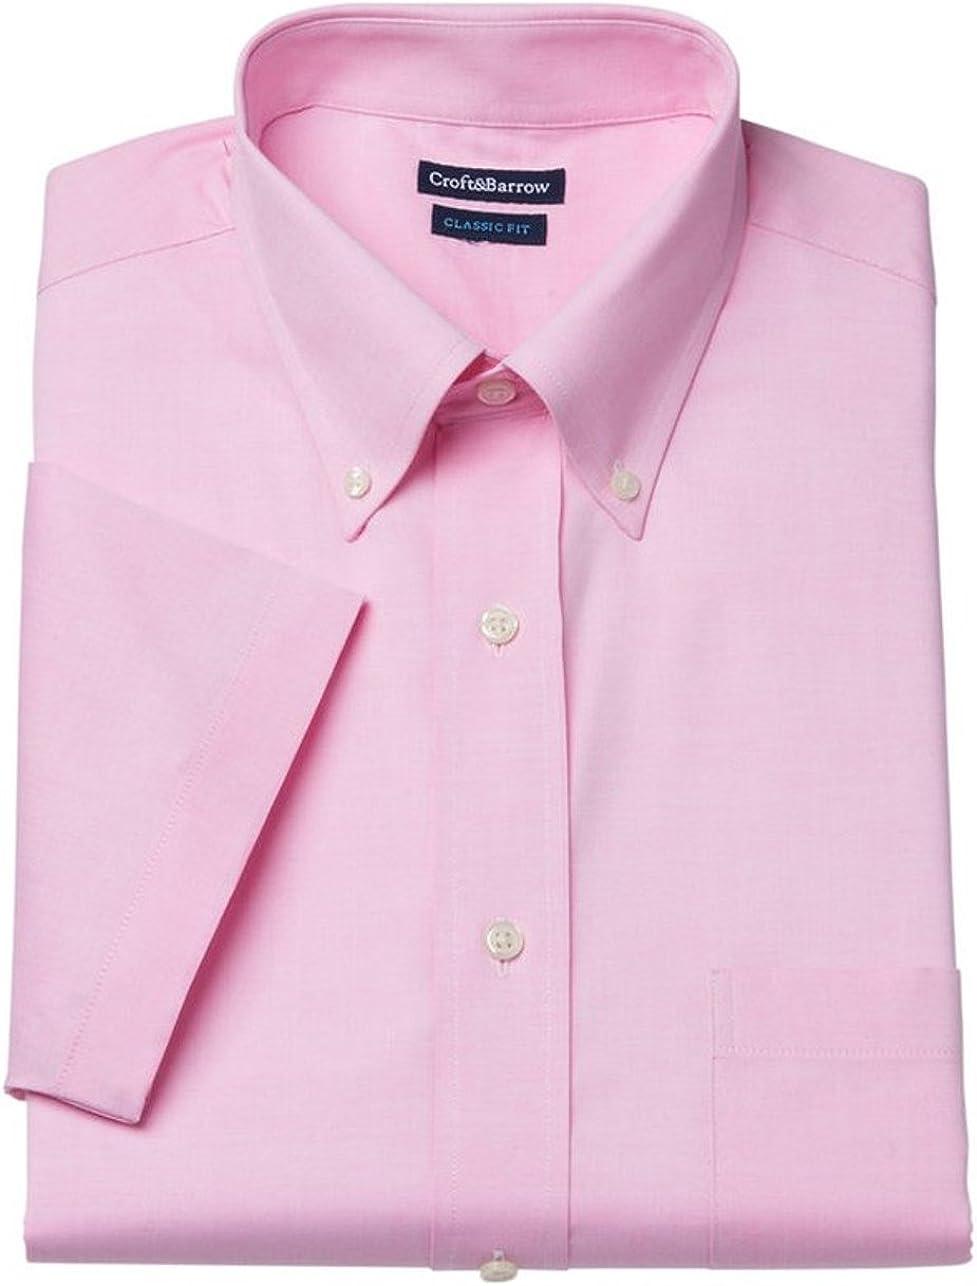 Croft & Barrow Mens Classic Fit Button Down Short Sleeve Dress Shirt Pink